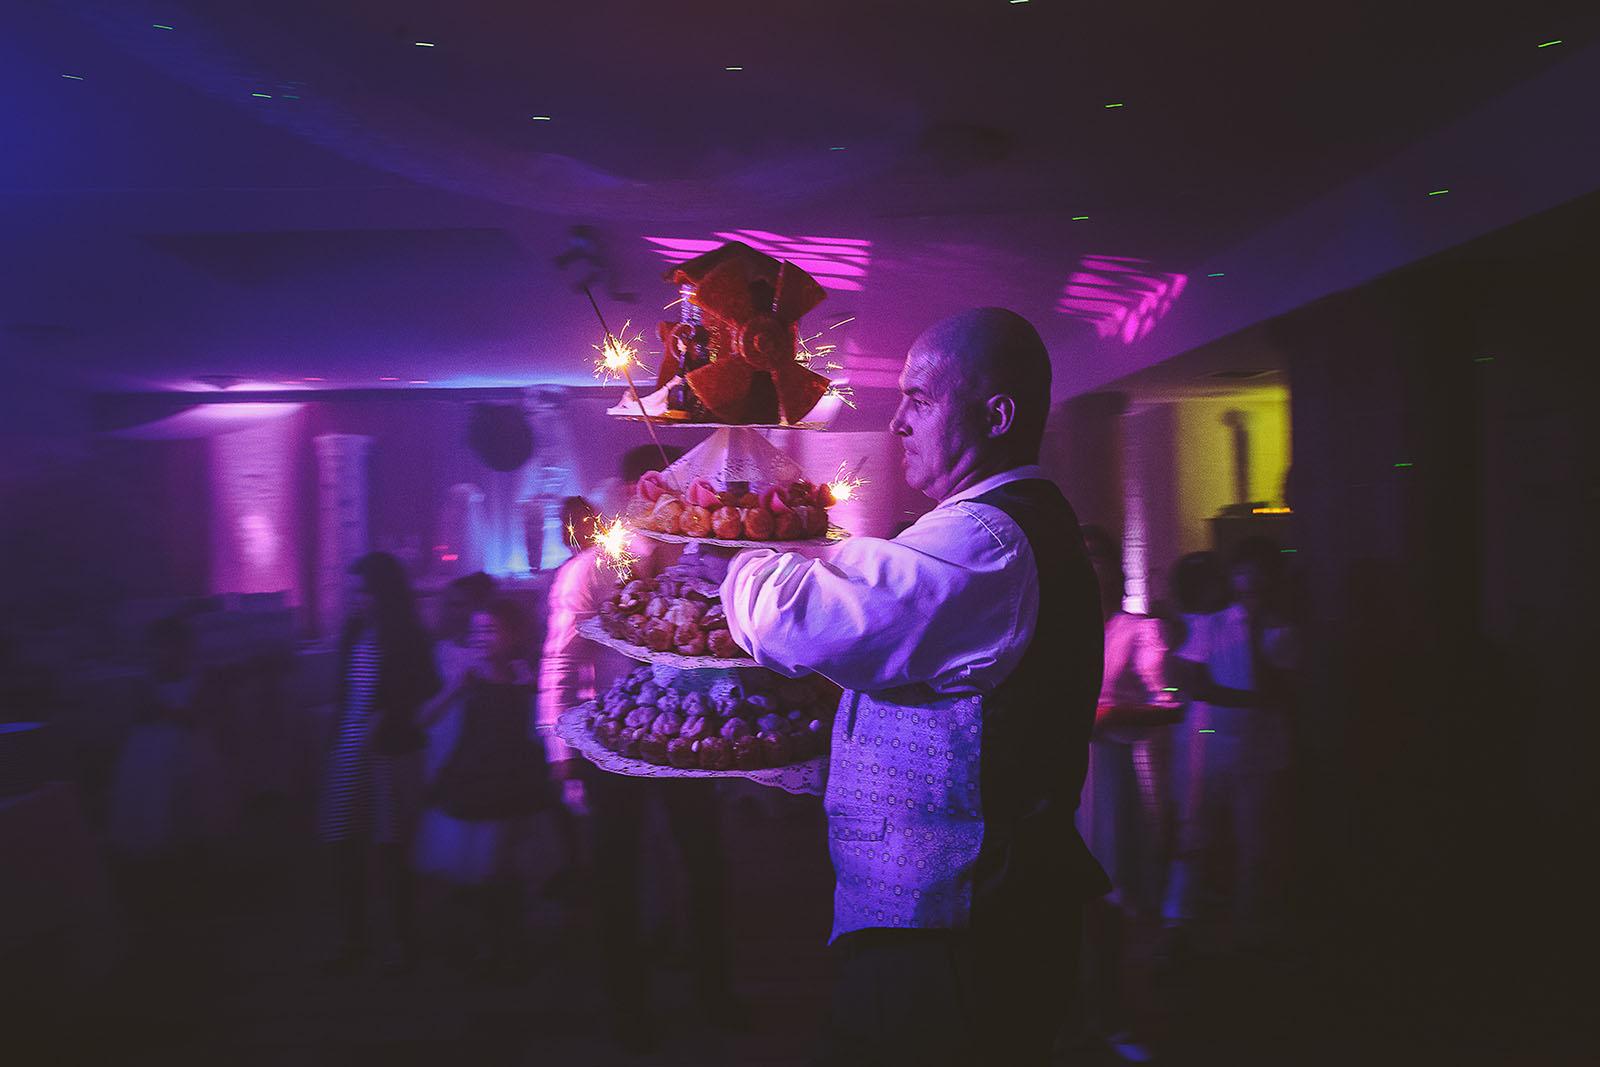 Mariage Villa Quélude David Pommier photographe de mariage. Le gâteau arrive avec des étincelles.